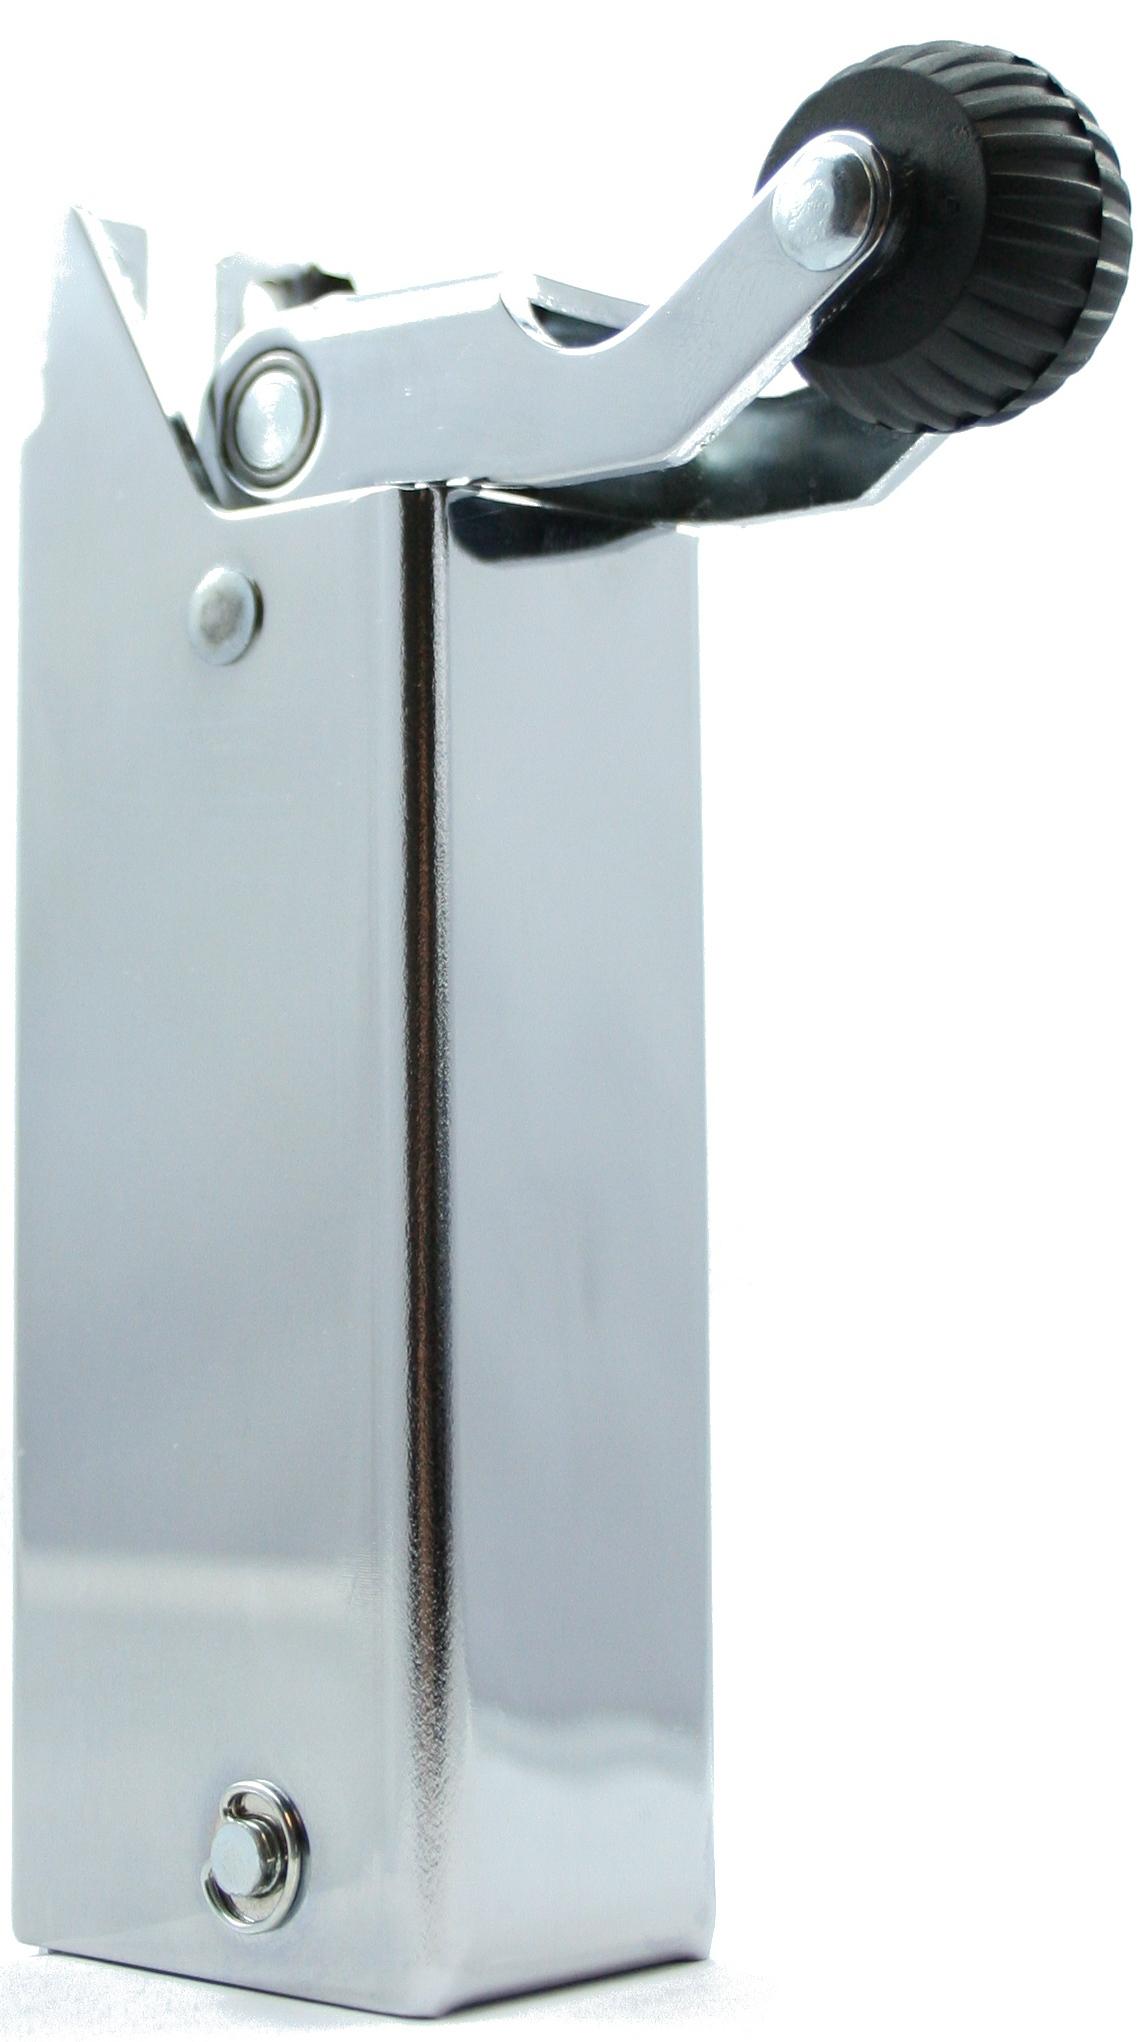 DD14 Door Damper Front